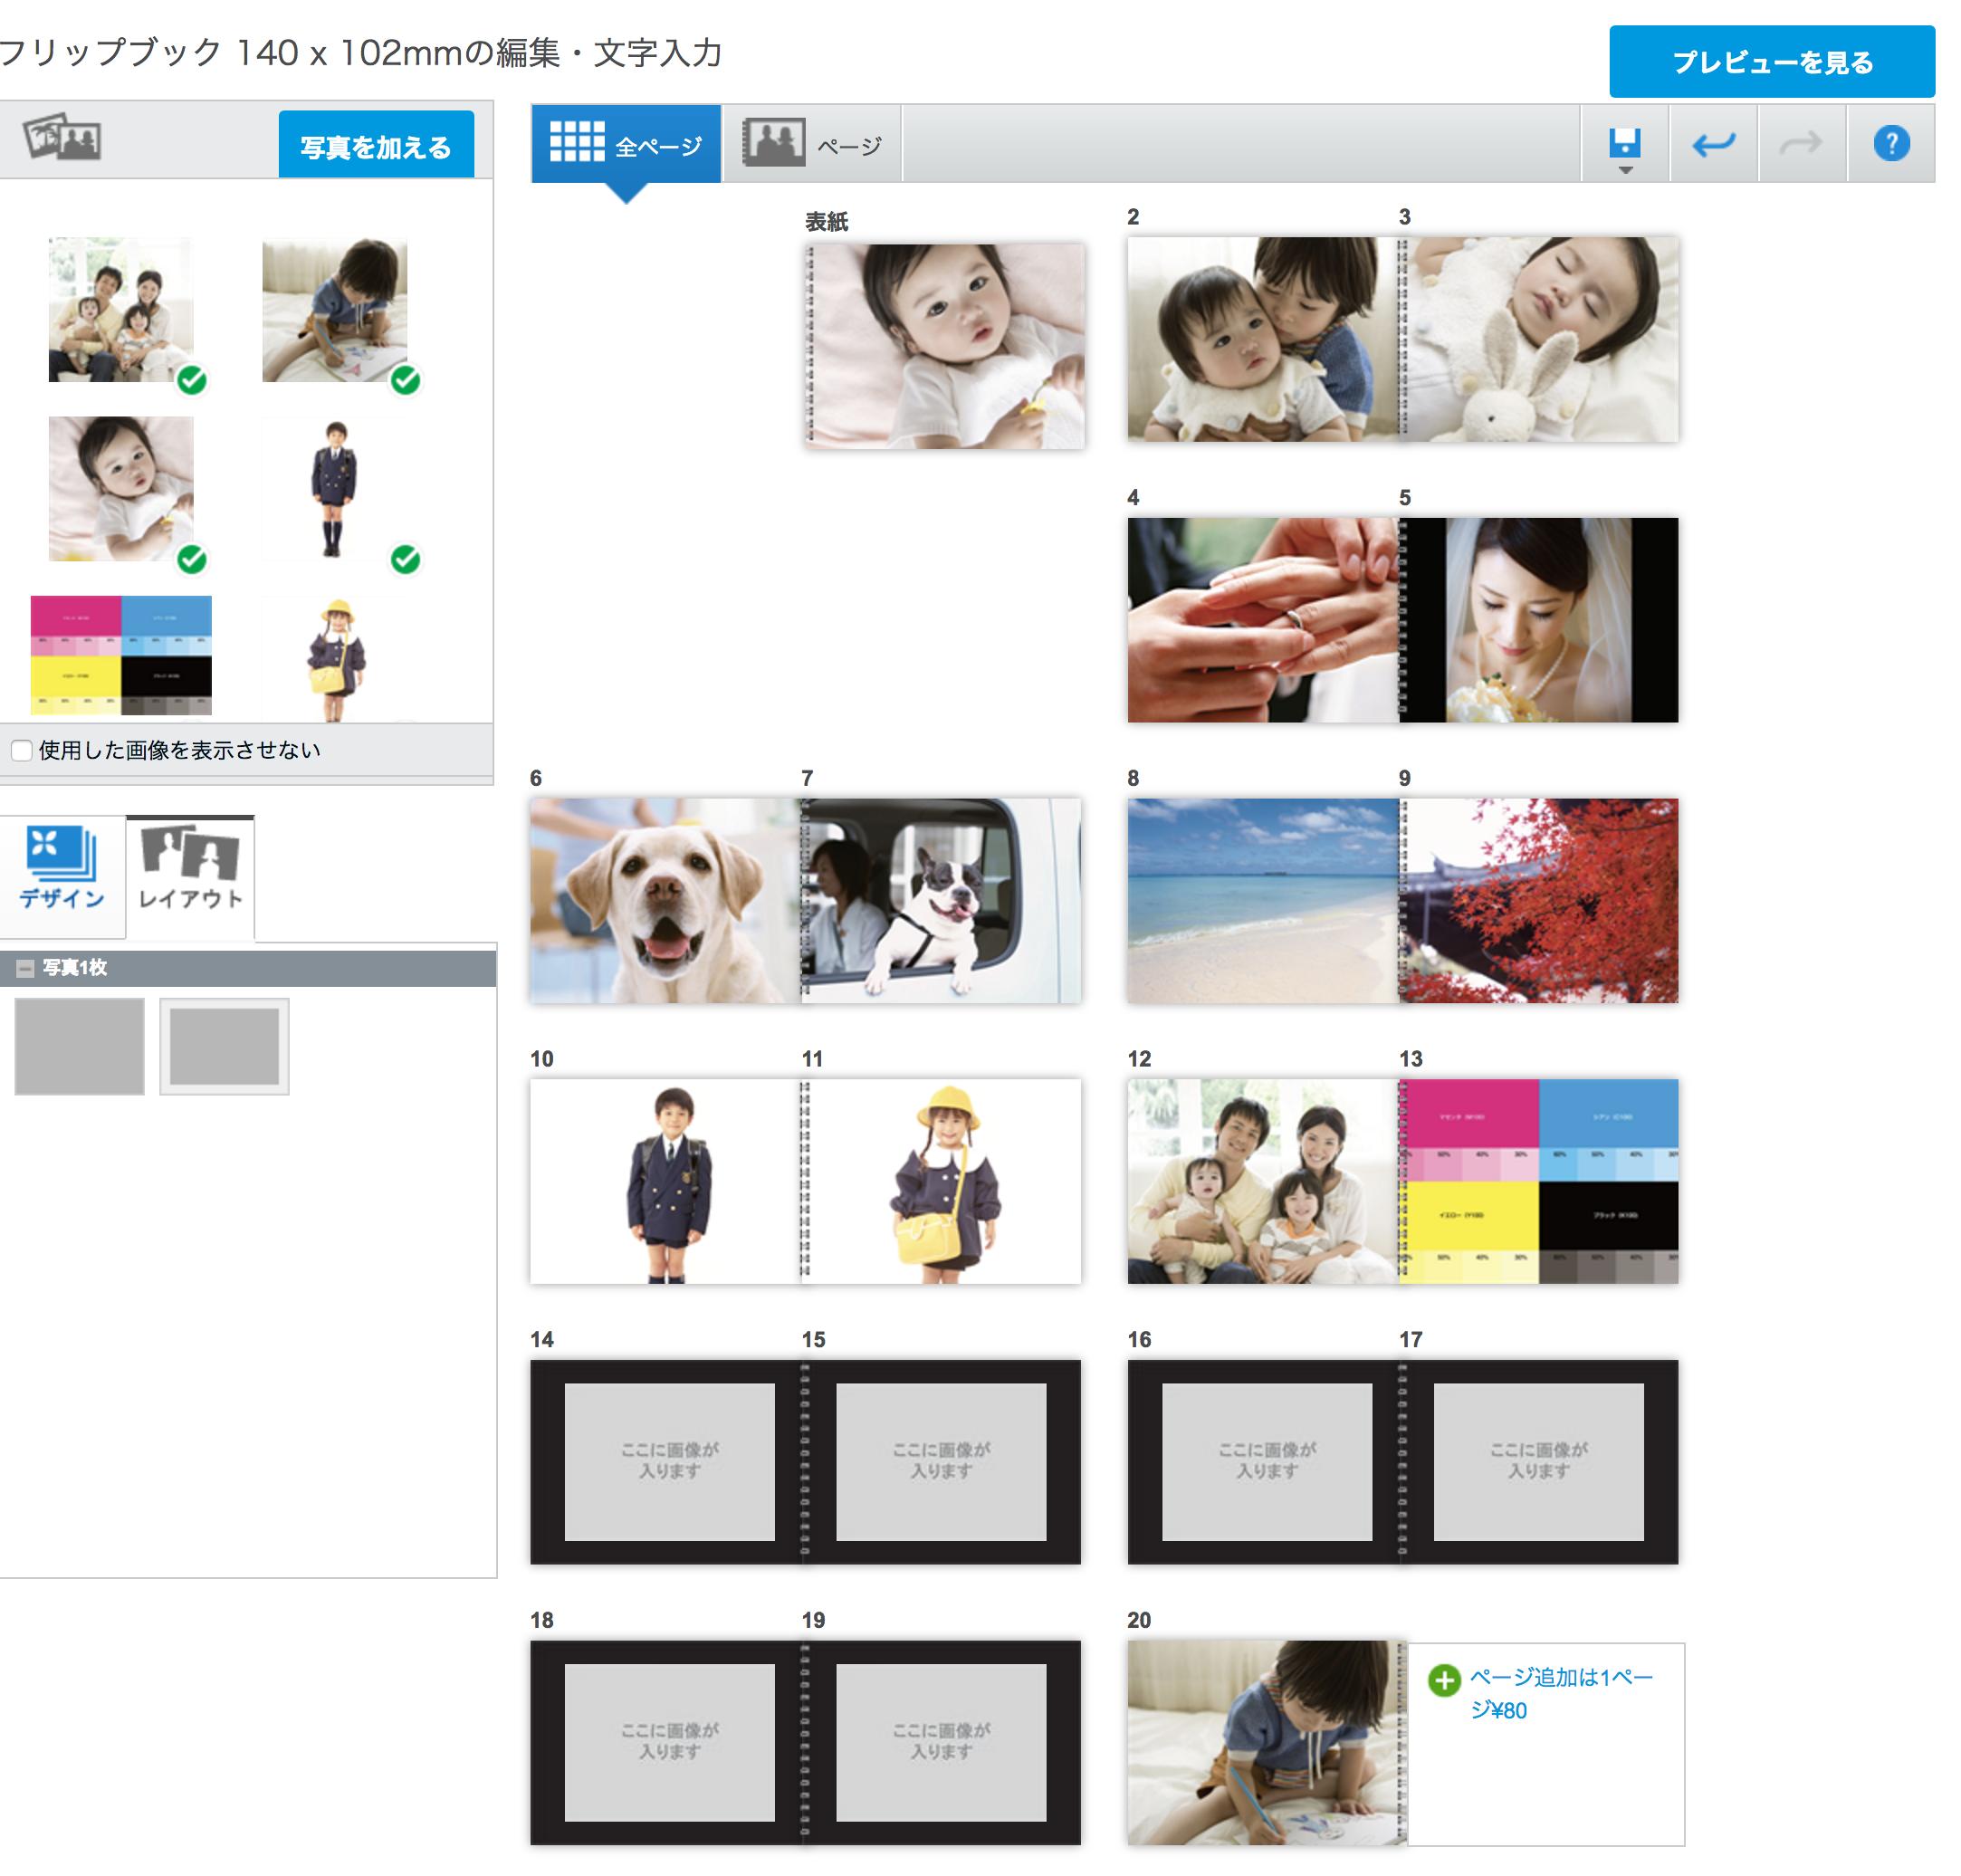 フォトブック編集ソフトの違い Webブラウザ編集とダウンロードソフト編集を比較